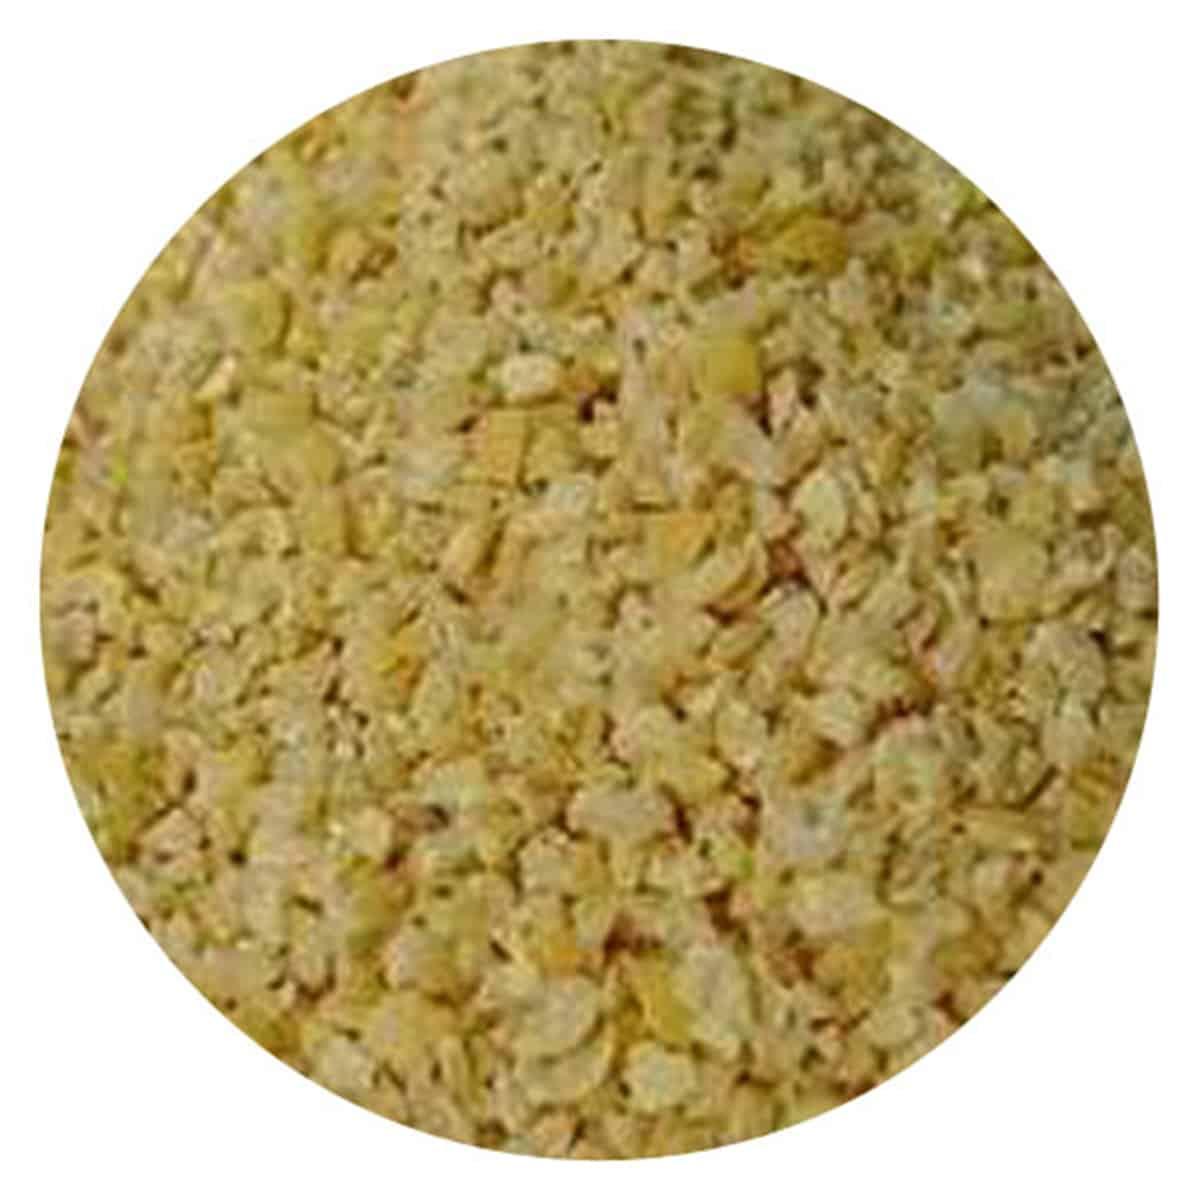 Buy IAG Foods Soya Granules - 1 kg